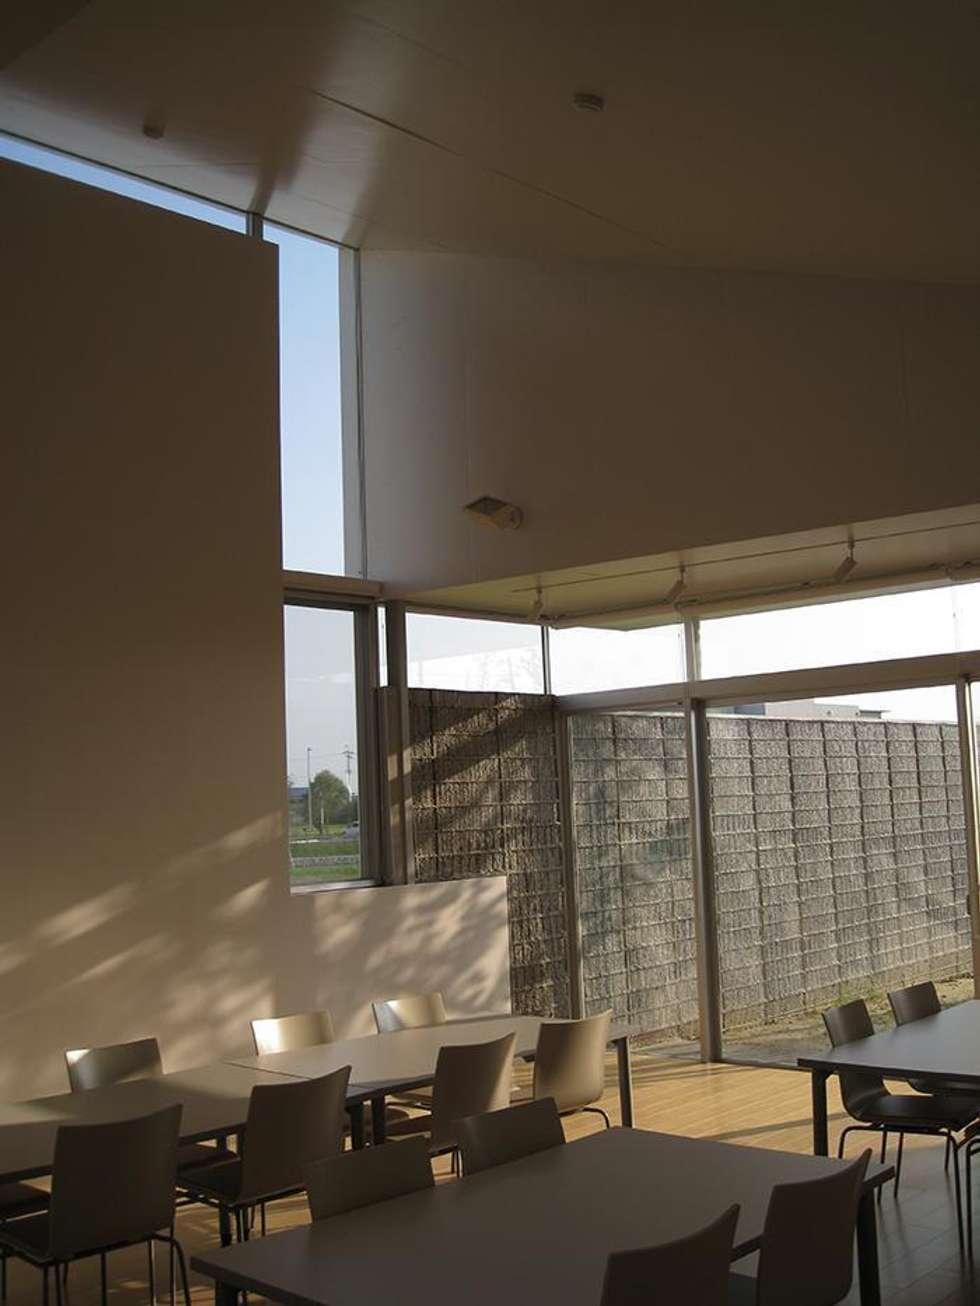 職員休憩室: 株式会社ヨシダデザインワークショップが手掛けた書斎です。